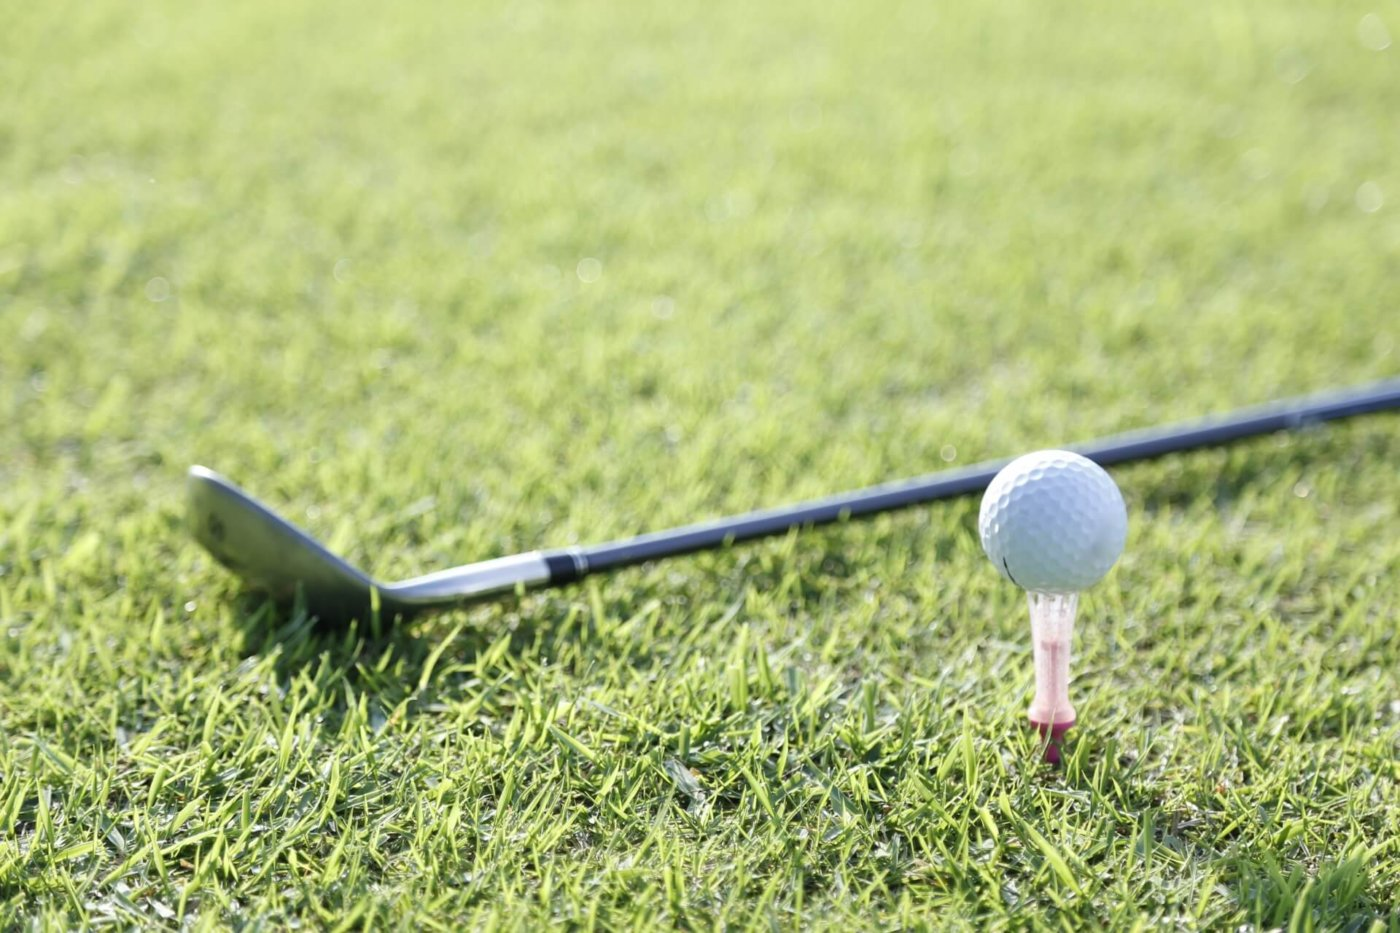 8月のゴルフツアーは熱い